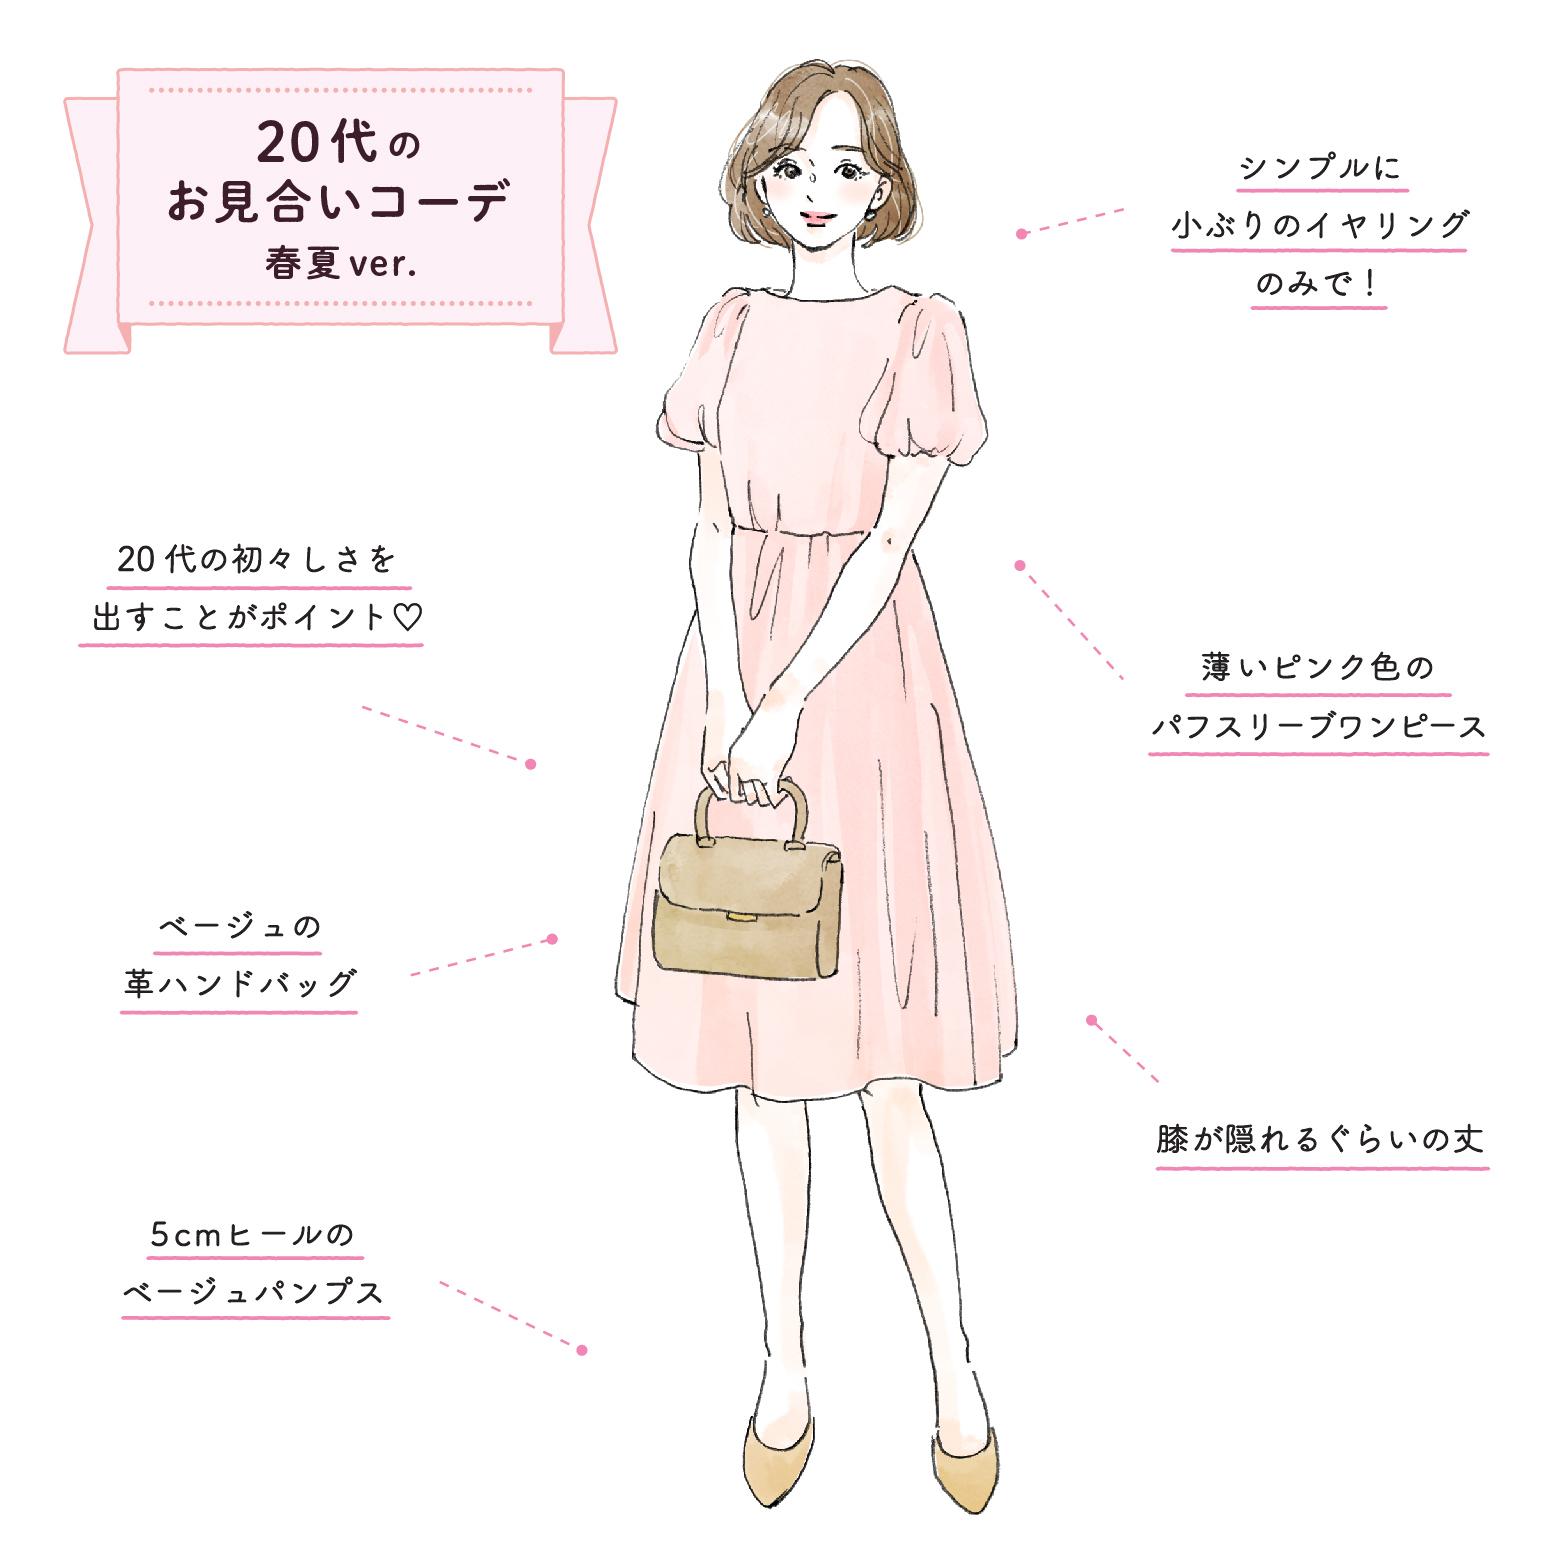 20代女性のお見合いの服装【春夏】